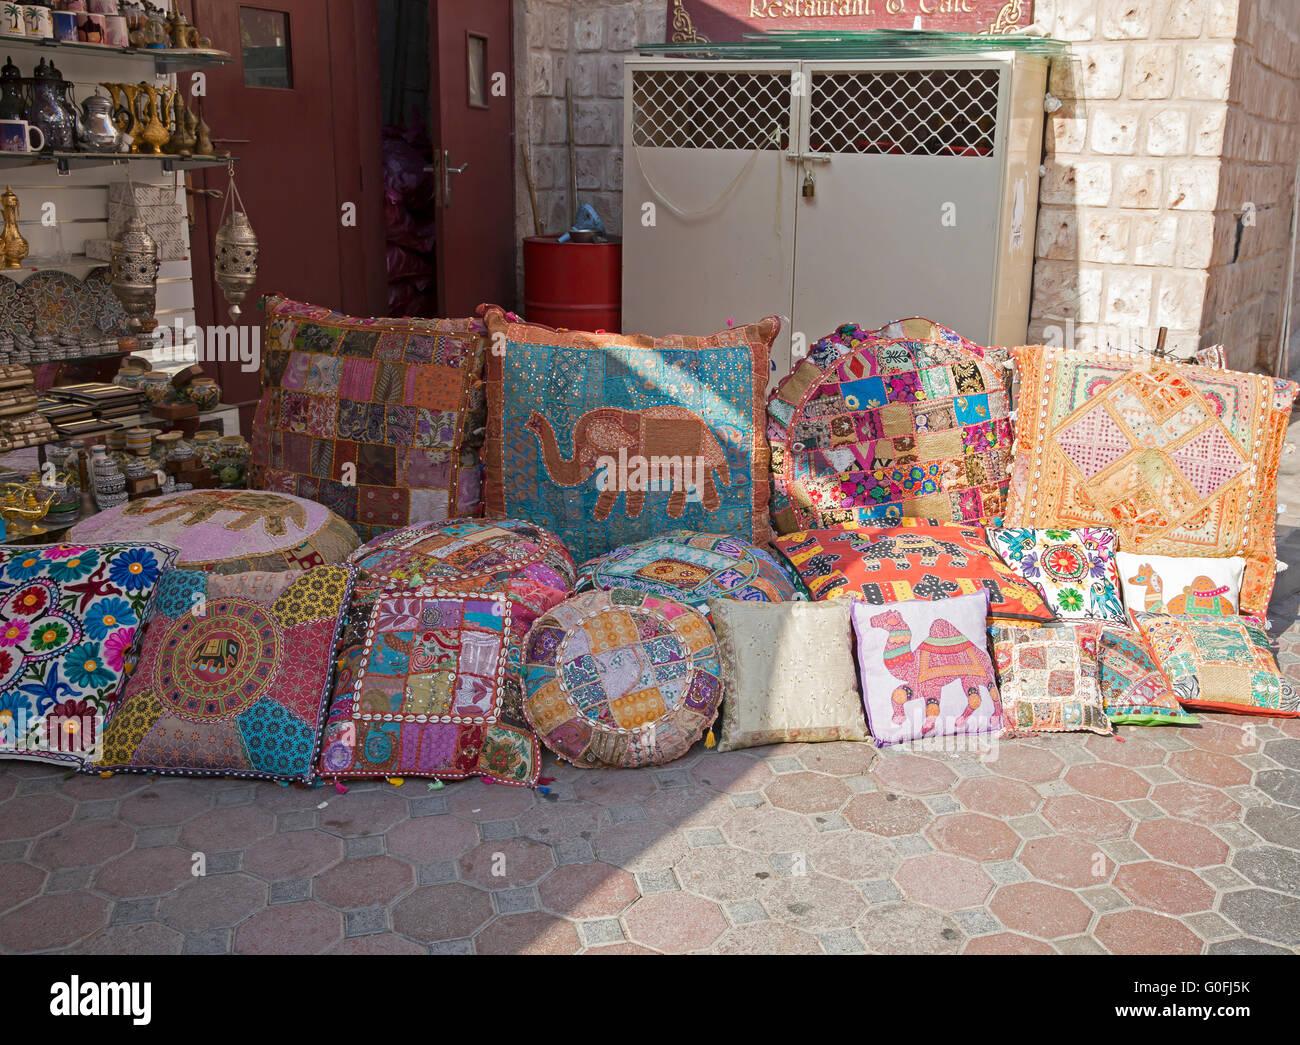 Cuscini Arabi.Cuscini Colorati Per La Vendita In Un Mercato In Dubai Emirati